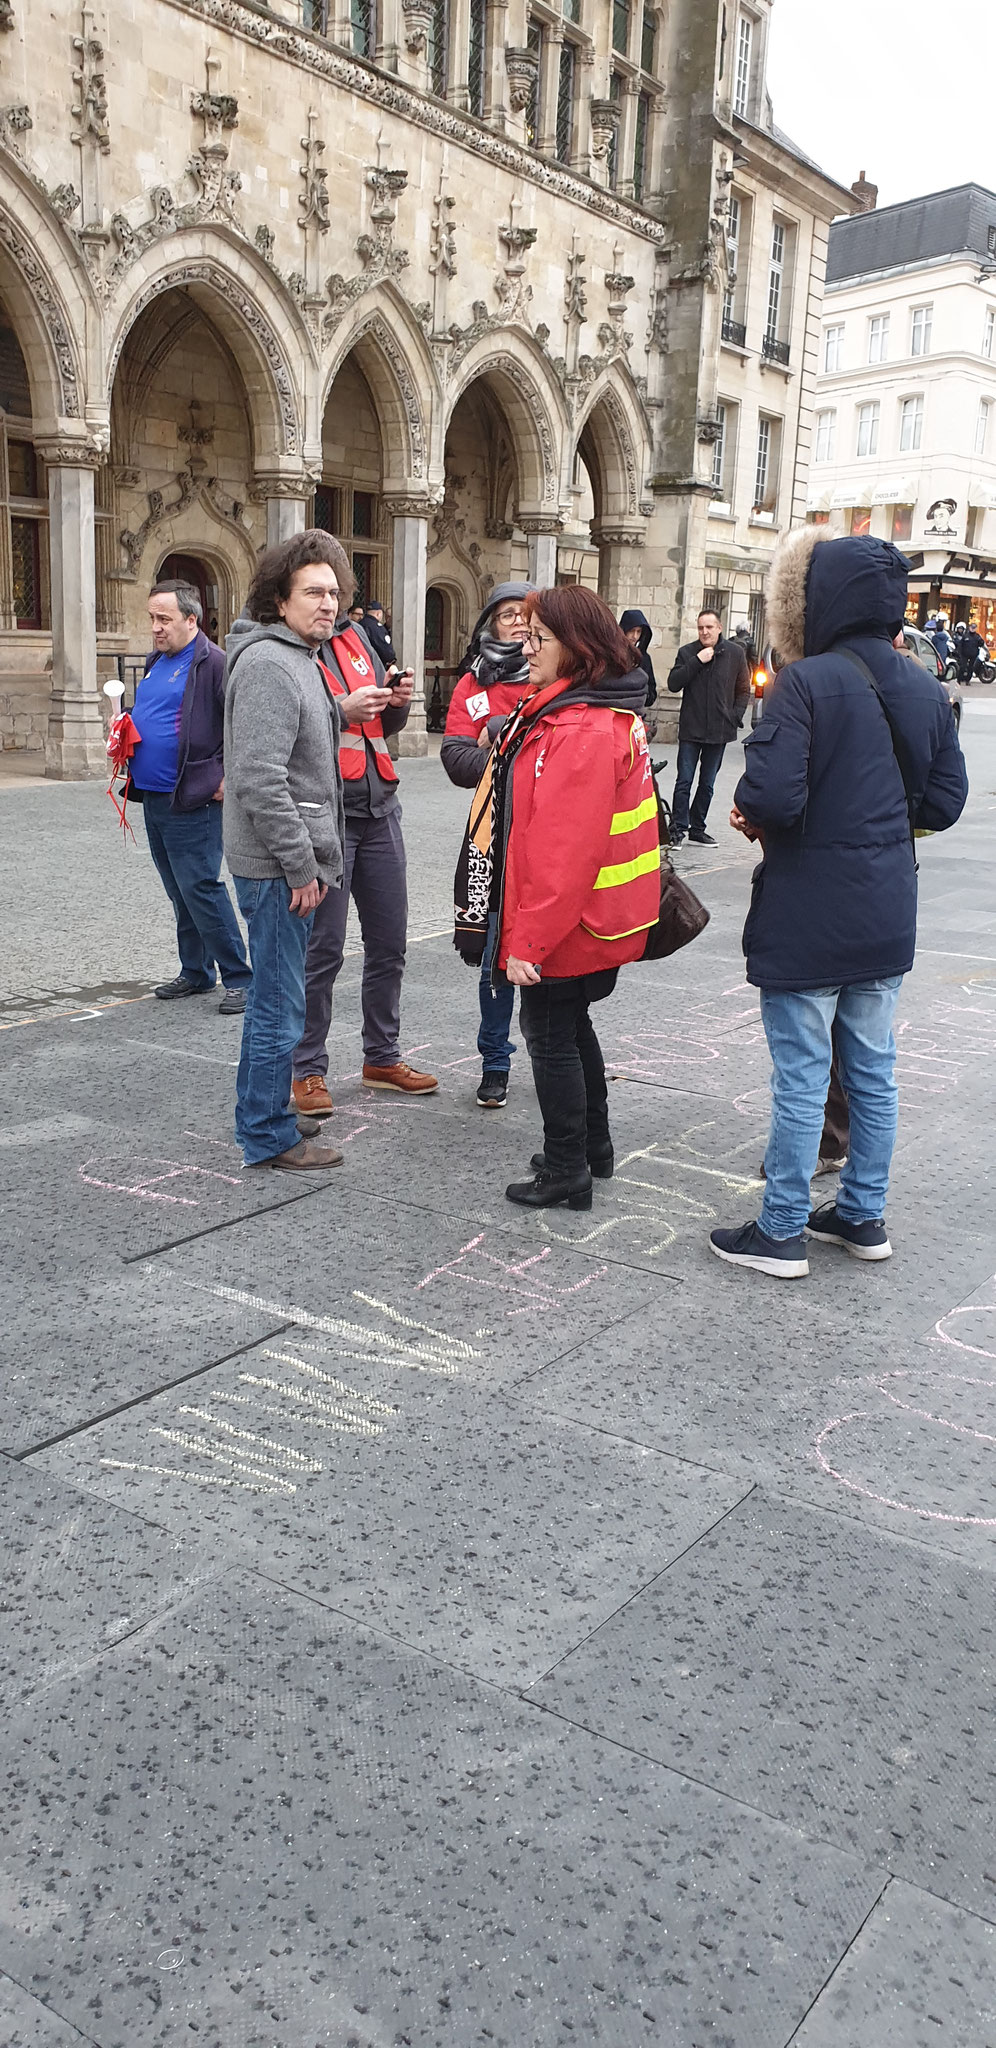 Le 20 Février 2020 à Saint-Quentin (02)